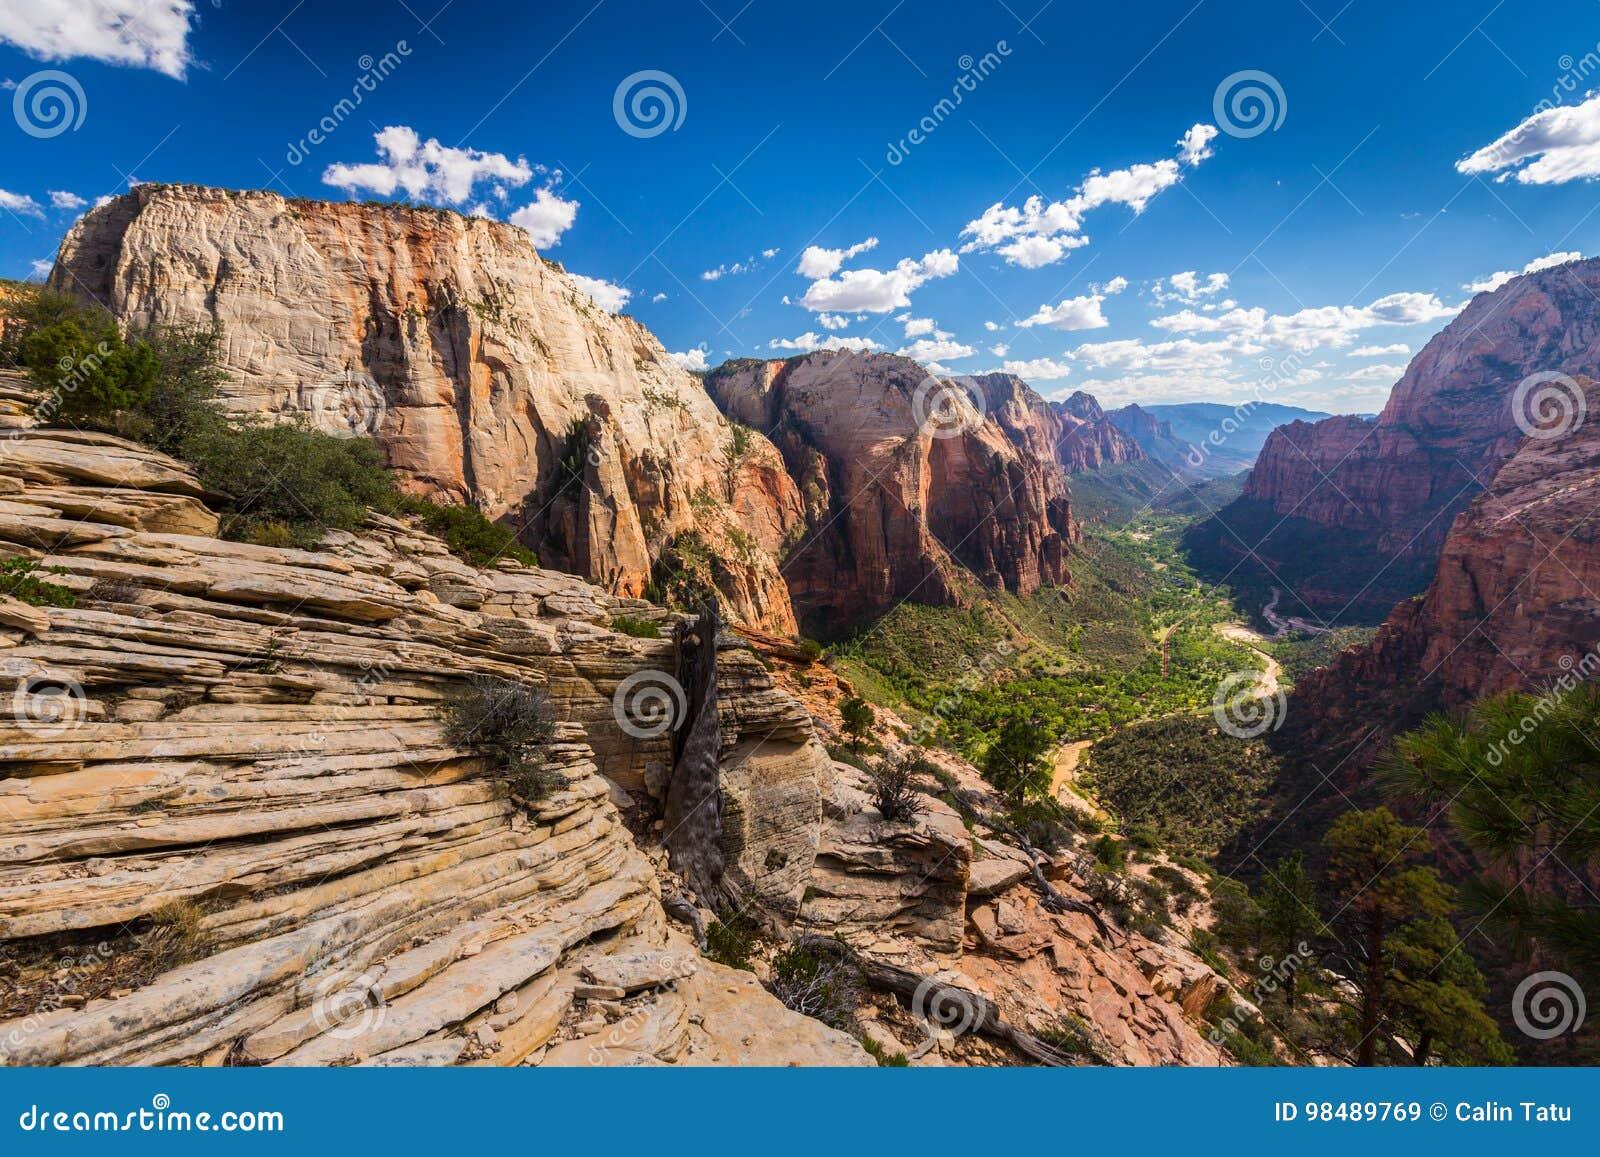 Zion National Park, Utah, paysage de perspective en automne